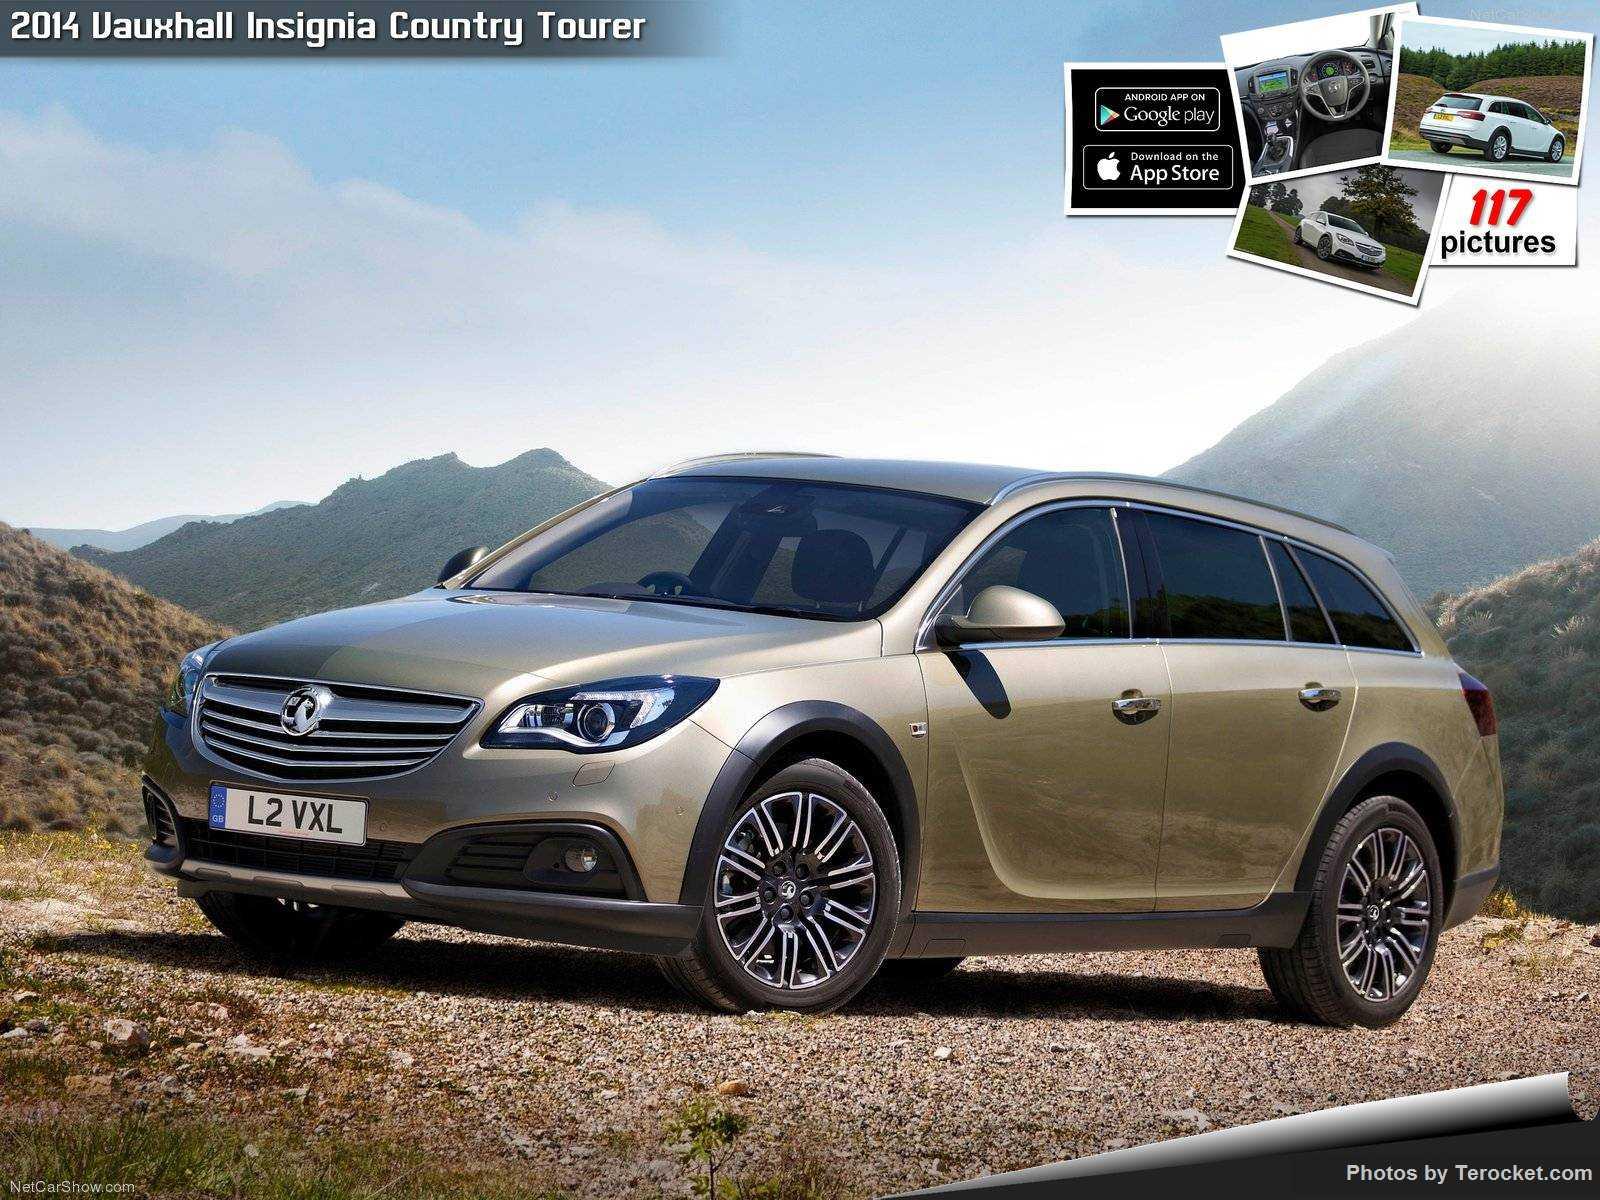 Hình ảnh xe ô tô Vauxhall Insignia Country Tourer 2014 & nội ngoại thất